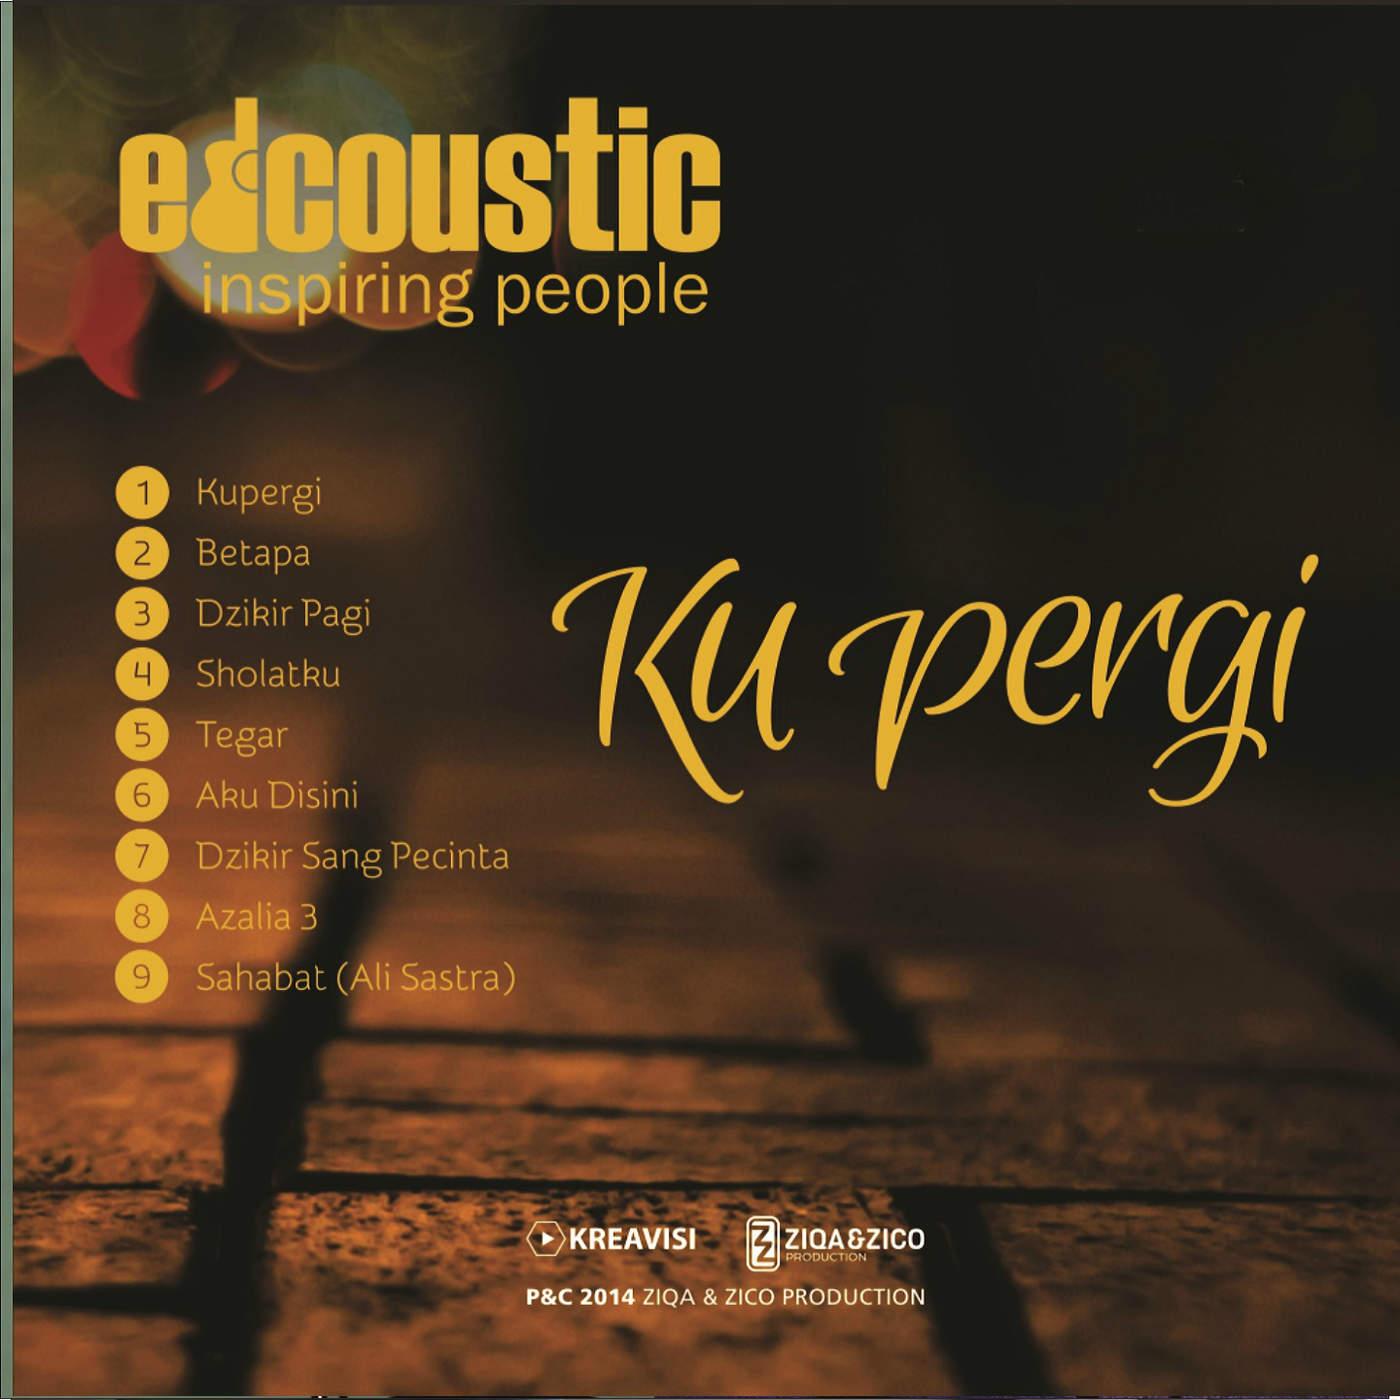 Kumpulan Album Lagu Nasyid Edcoustic